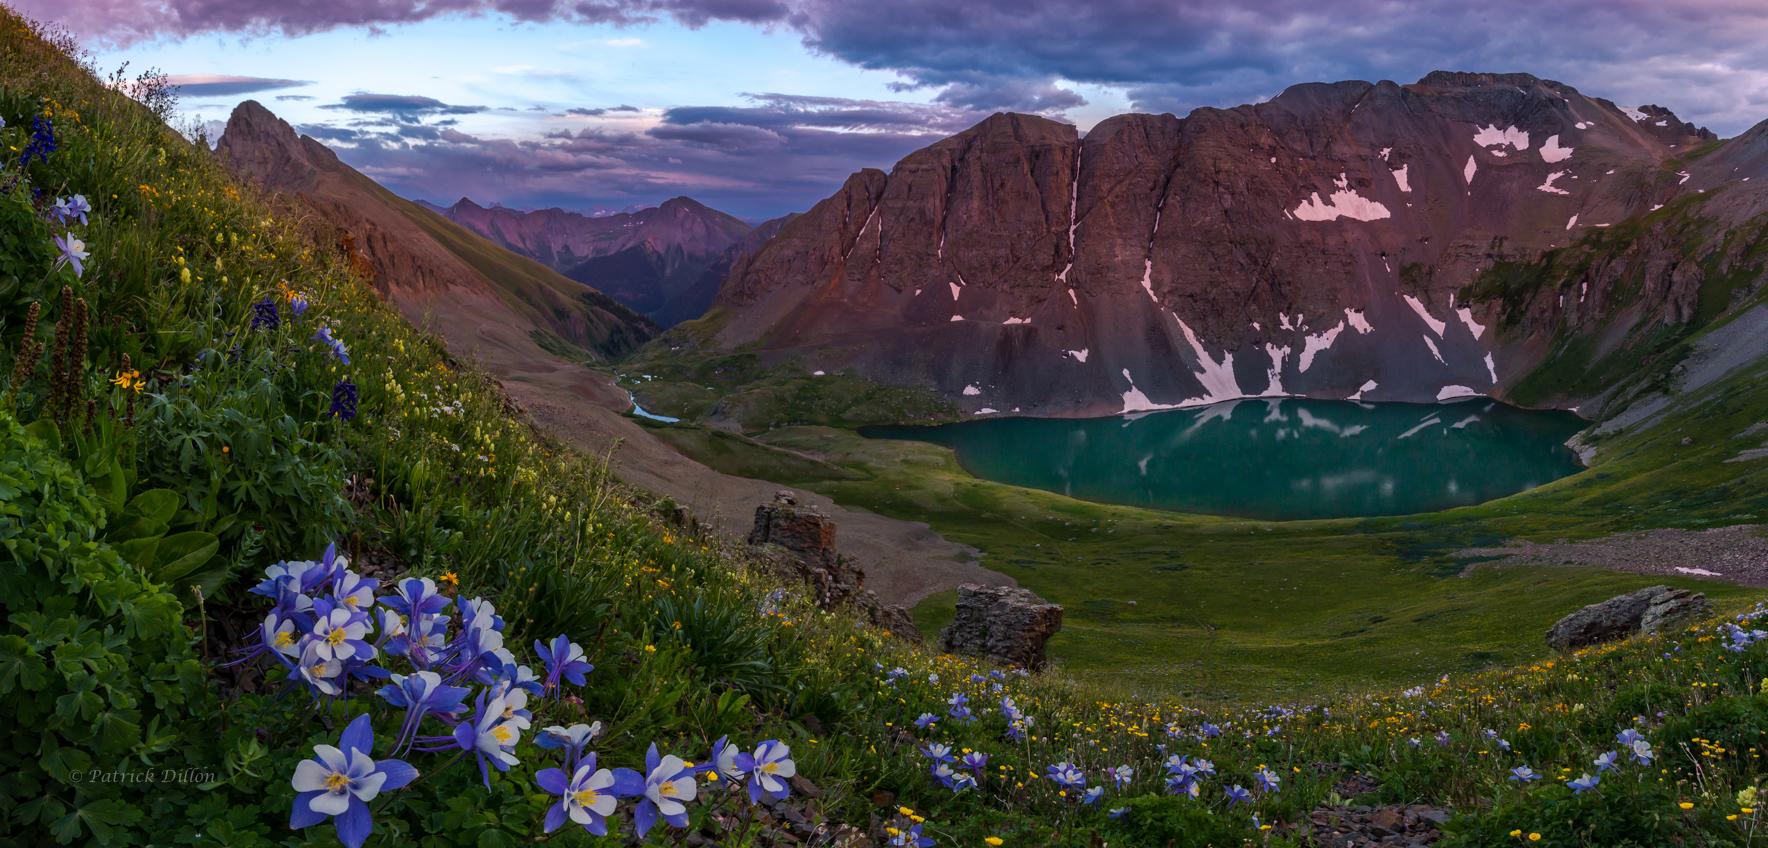 Heavenly Colorado